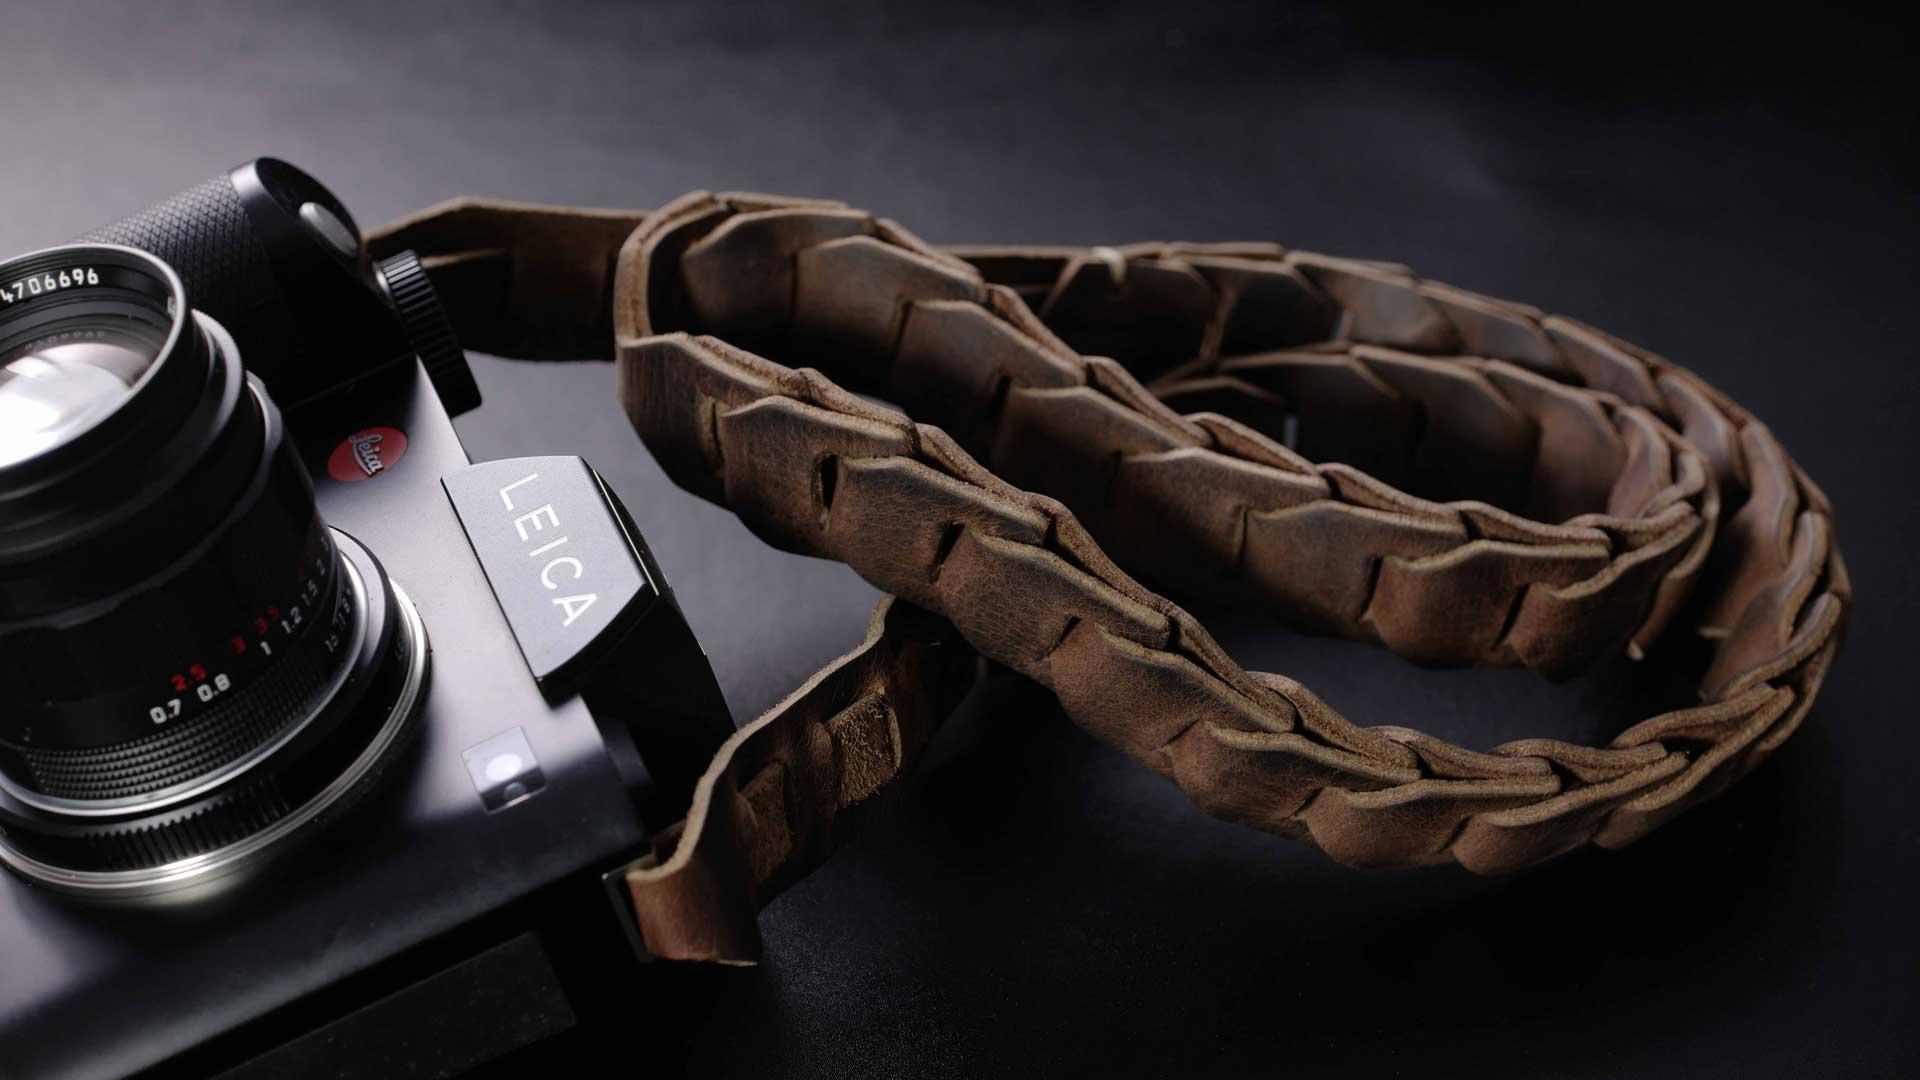 leica s strap, leica sl strap, leather camera strap, handmade leather camera strap, leica camera strap, mirrorless camera strap, handmade camera strap, brown camera strap